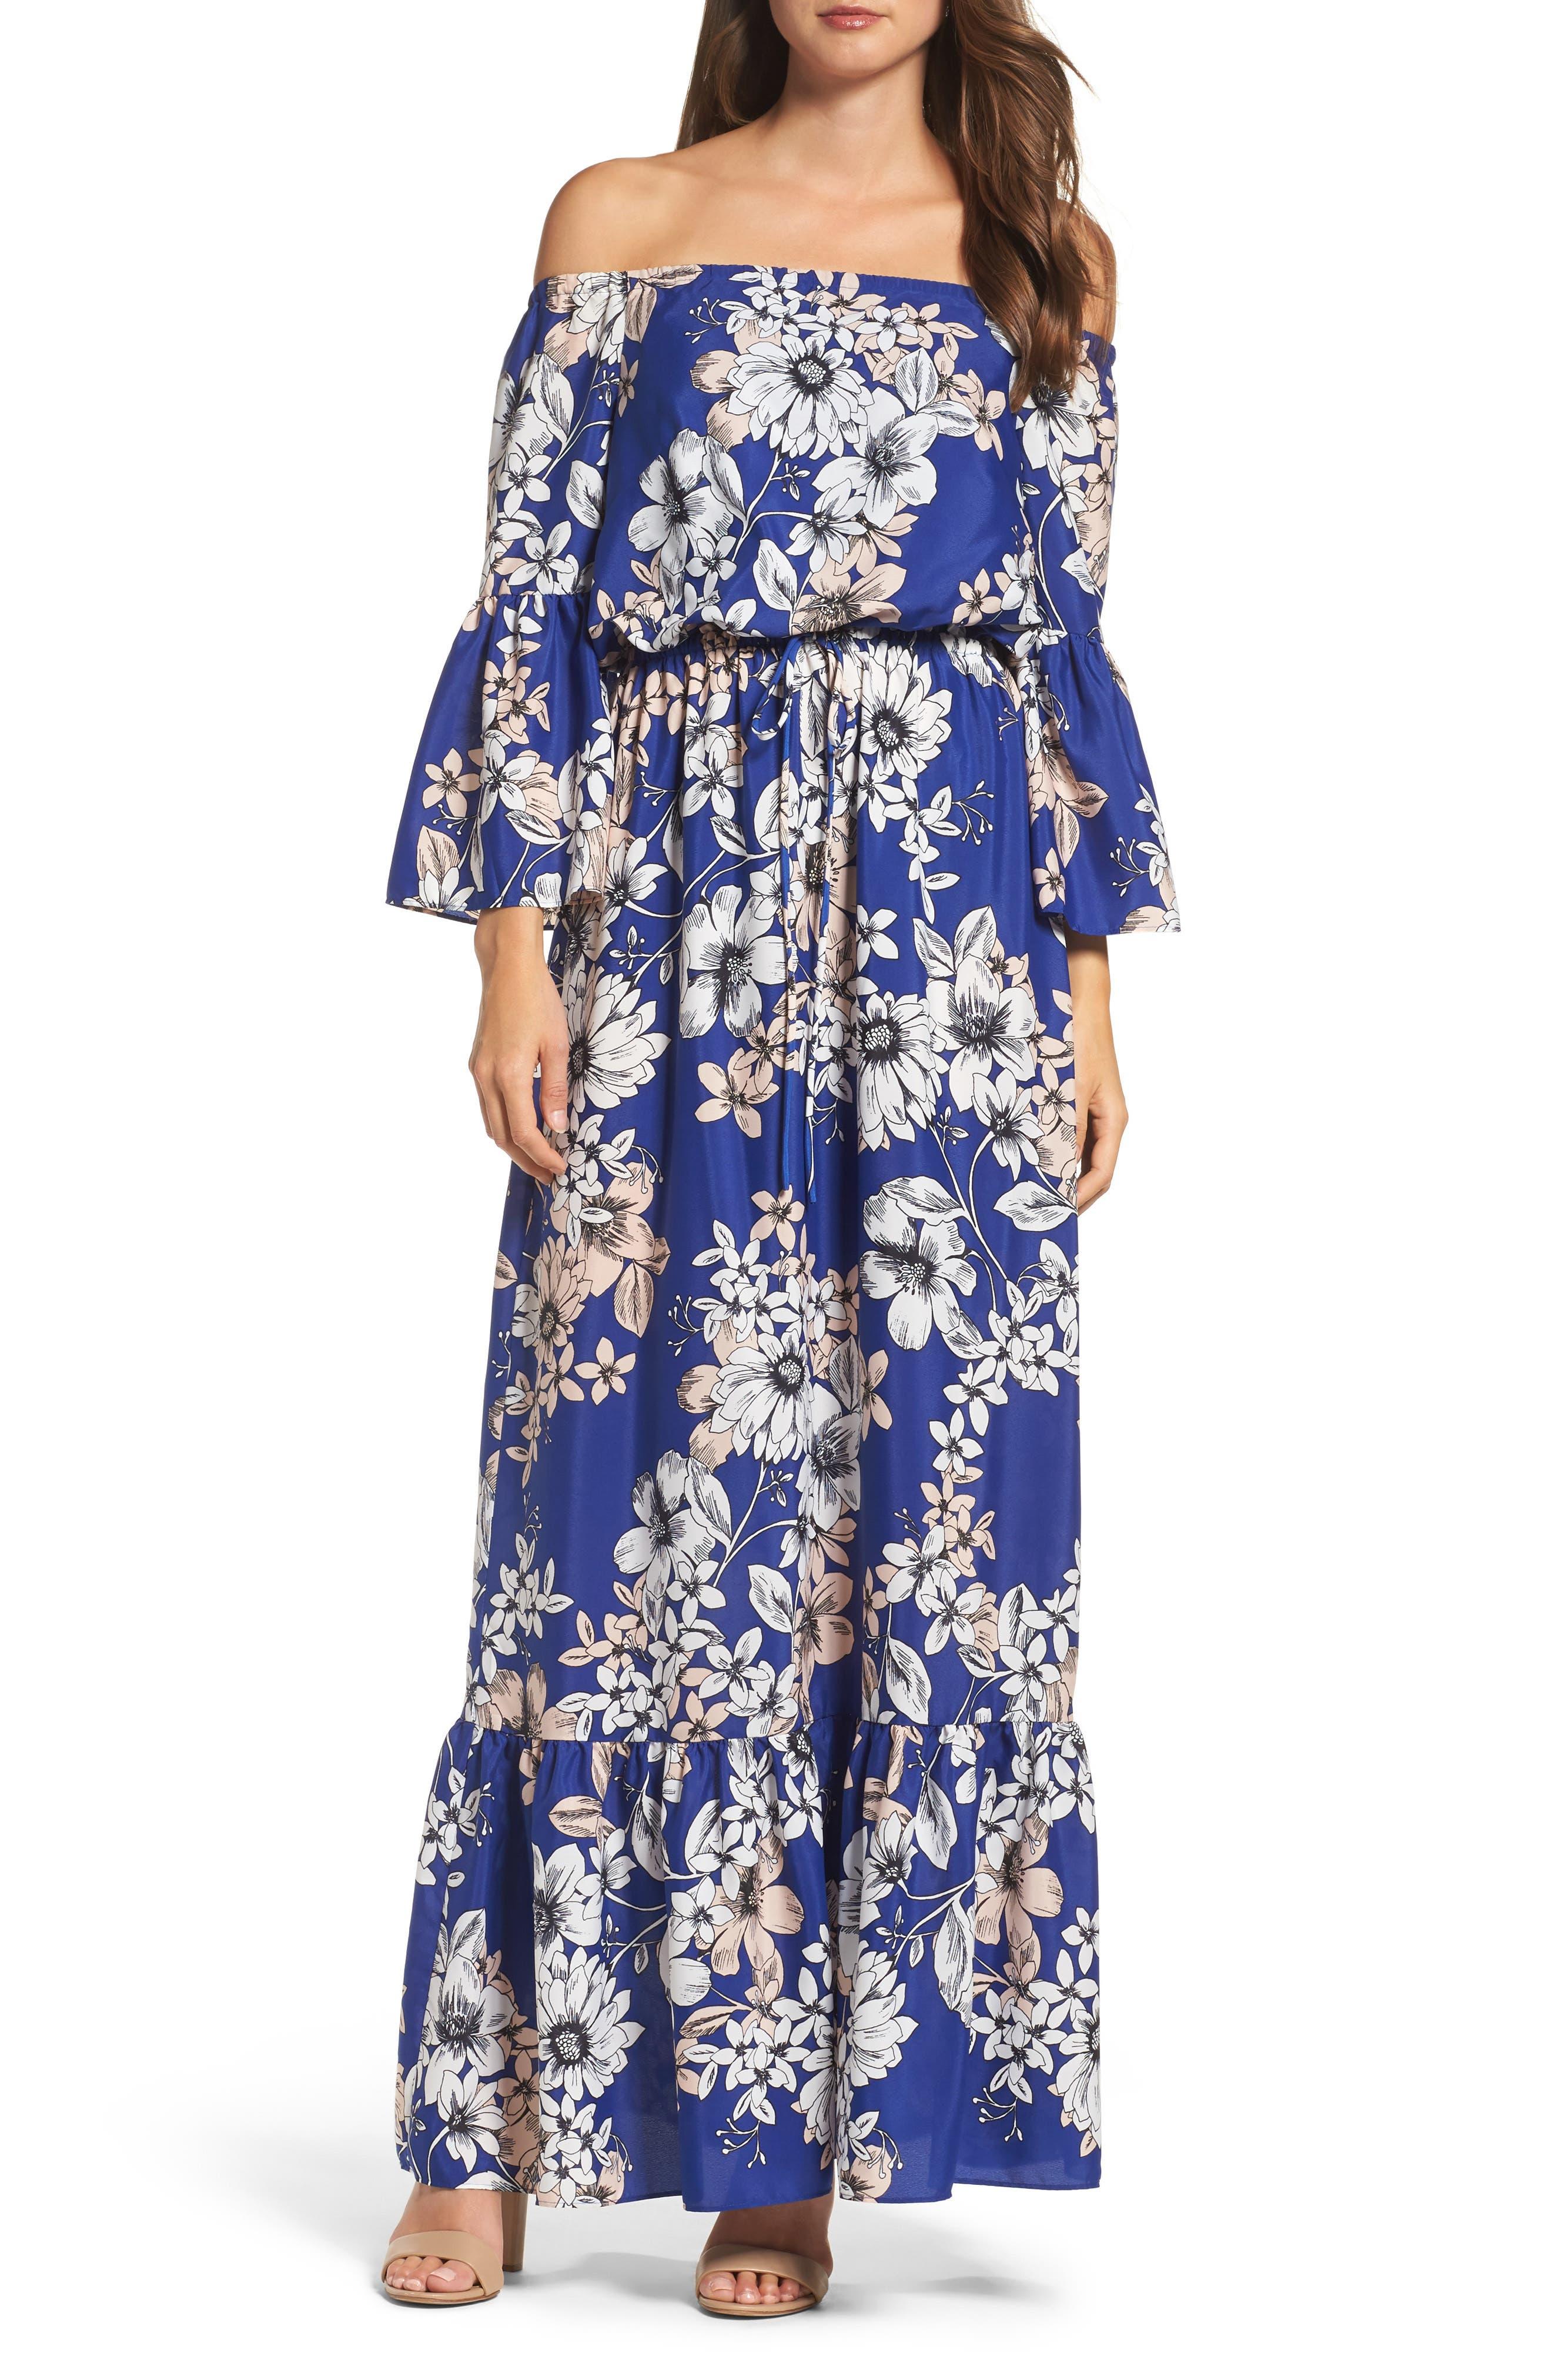 Alternate Image 1 Selected - Eliza J Off the Shoulder Floral Maxi Dress